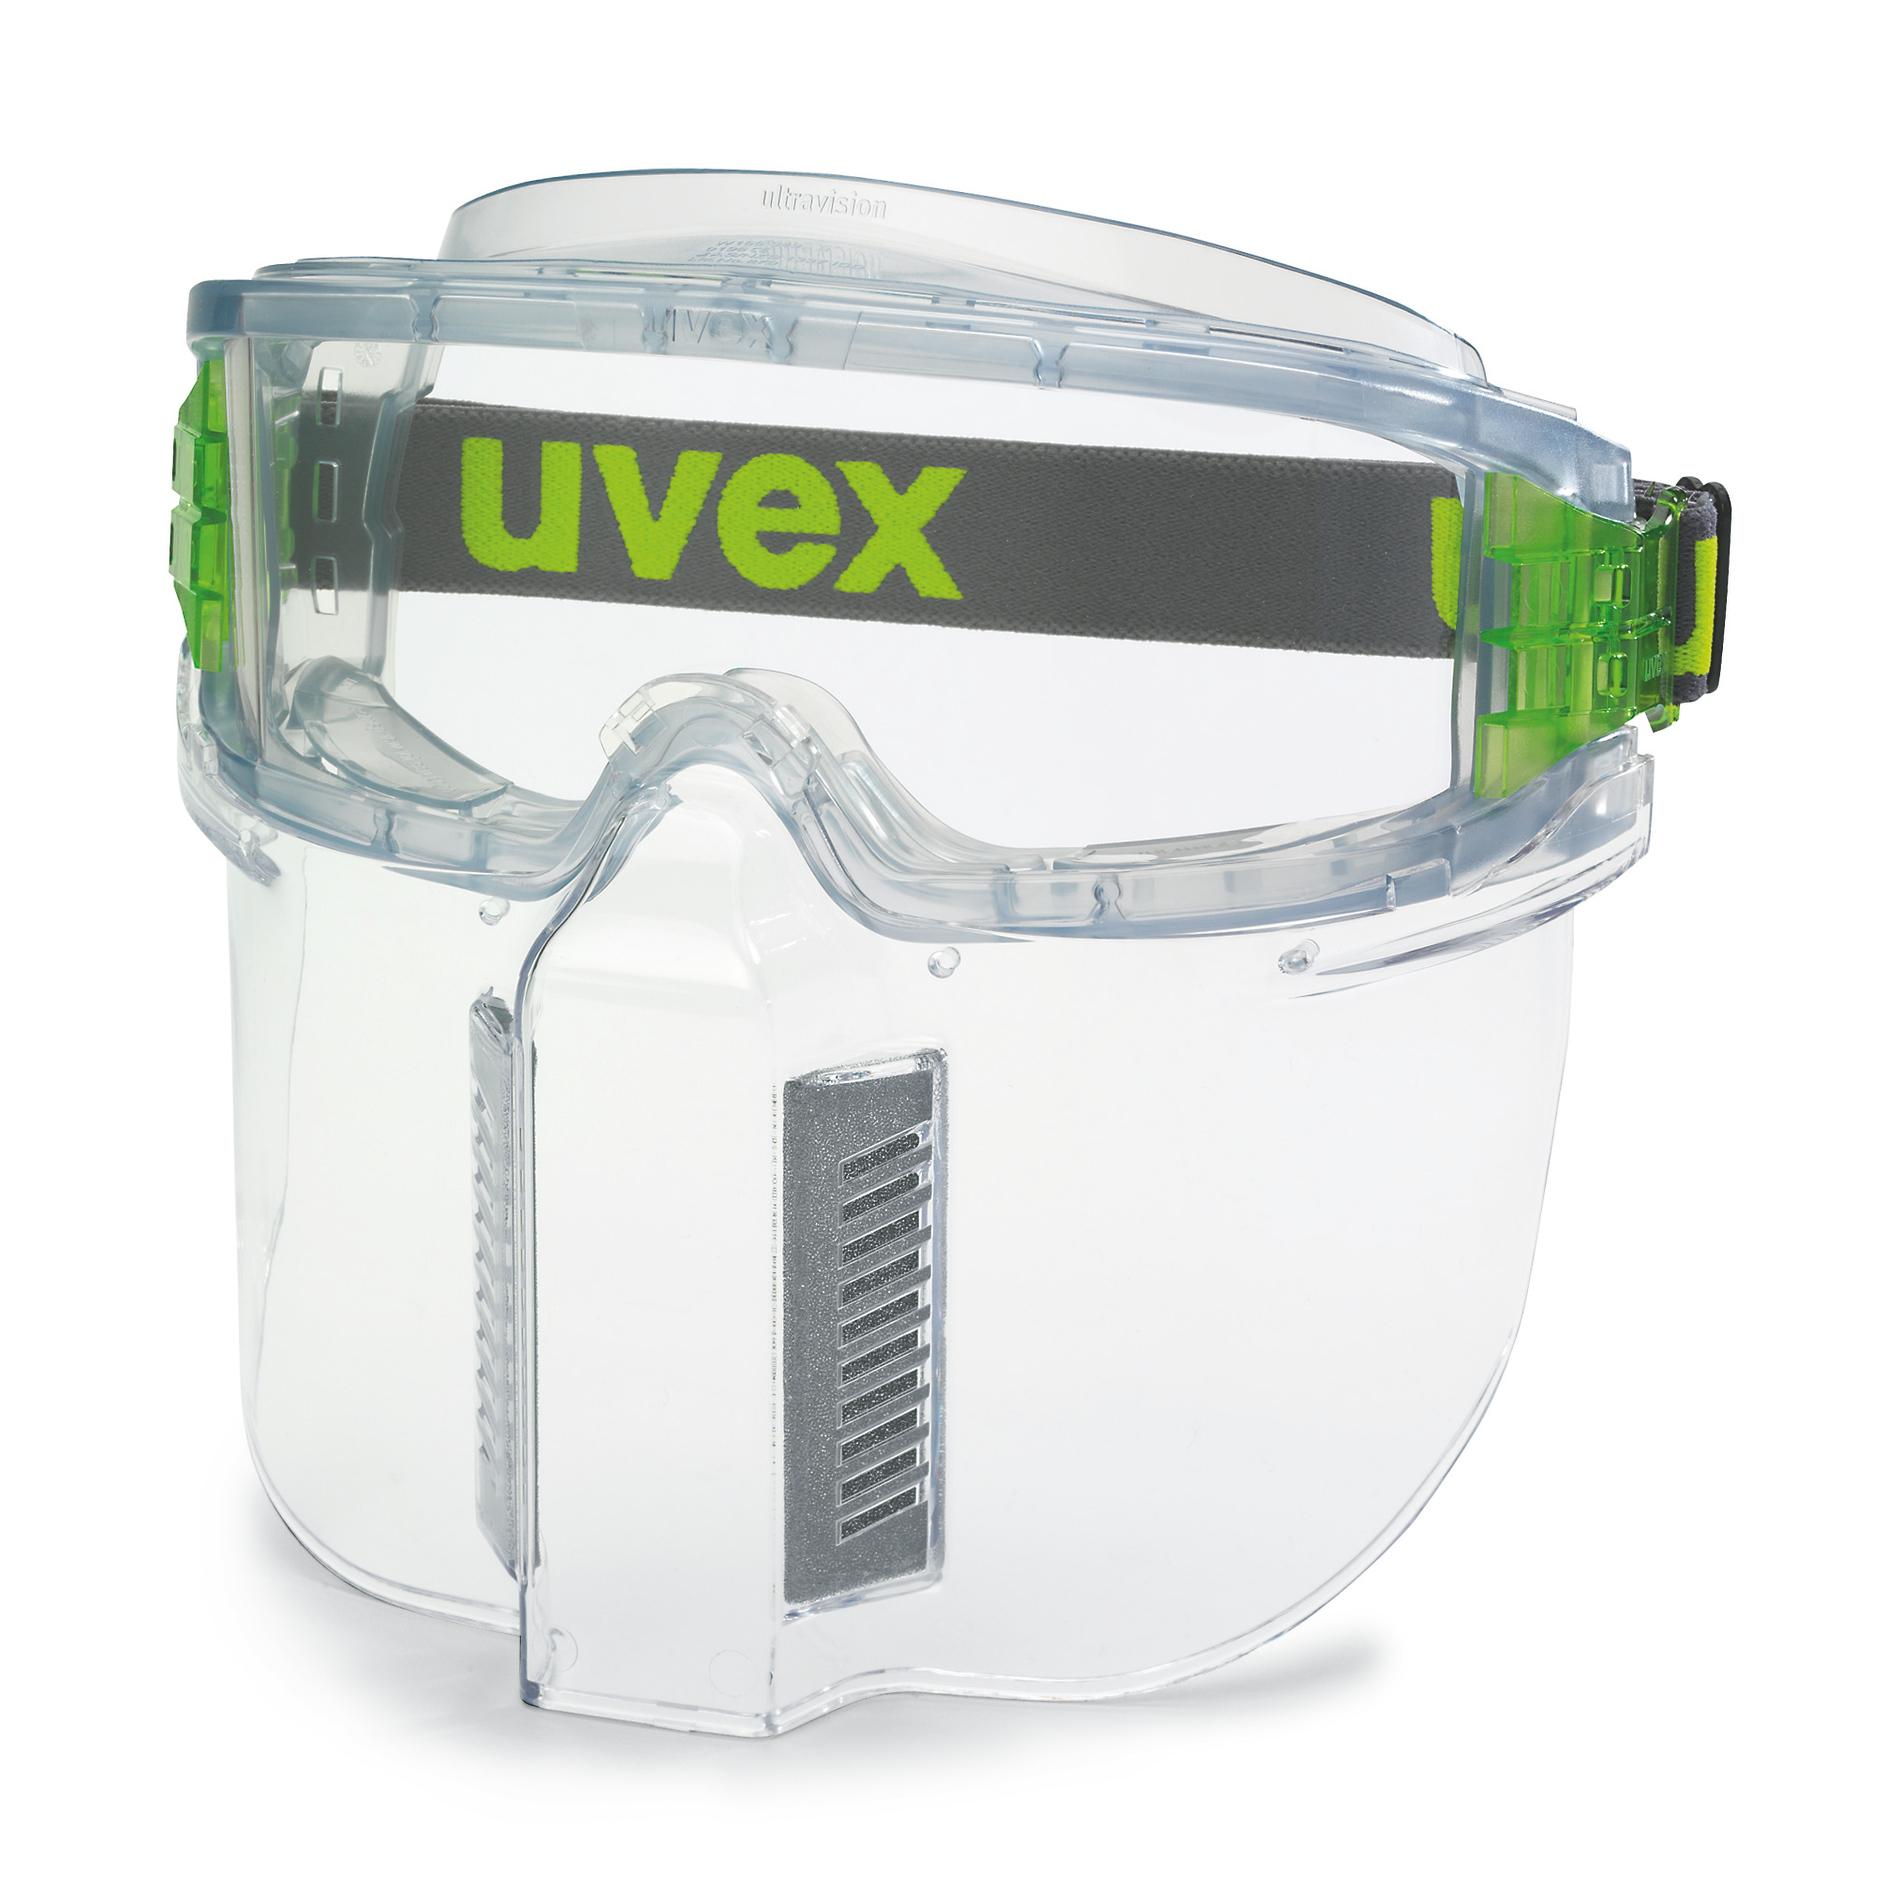 d044a761cb4d1c Protection respiratoire pour uvex ultravision   Lunettes de protection    uvex safety